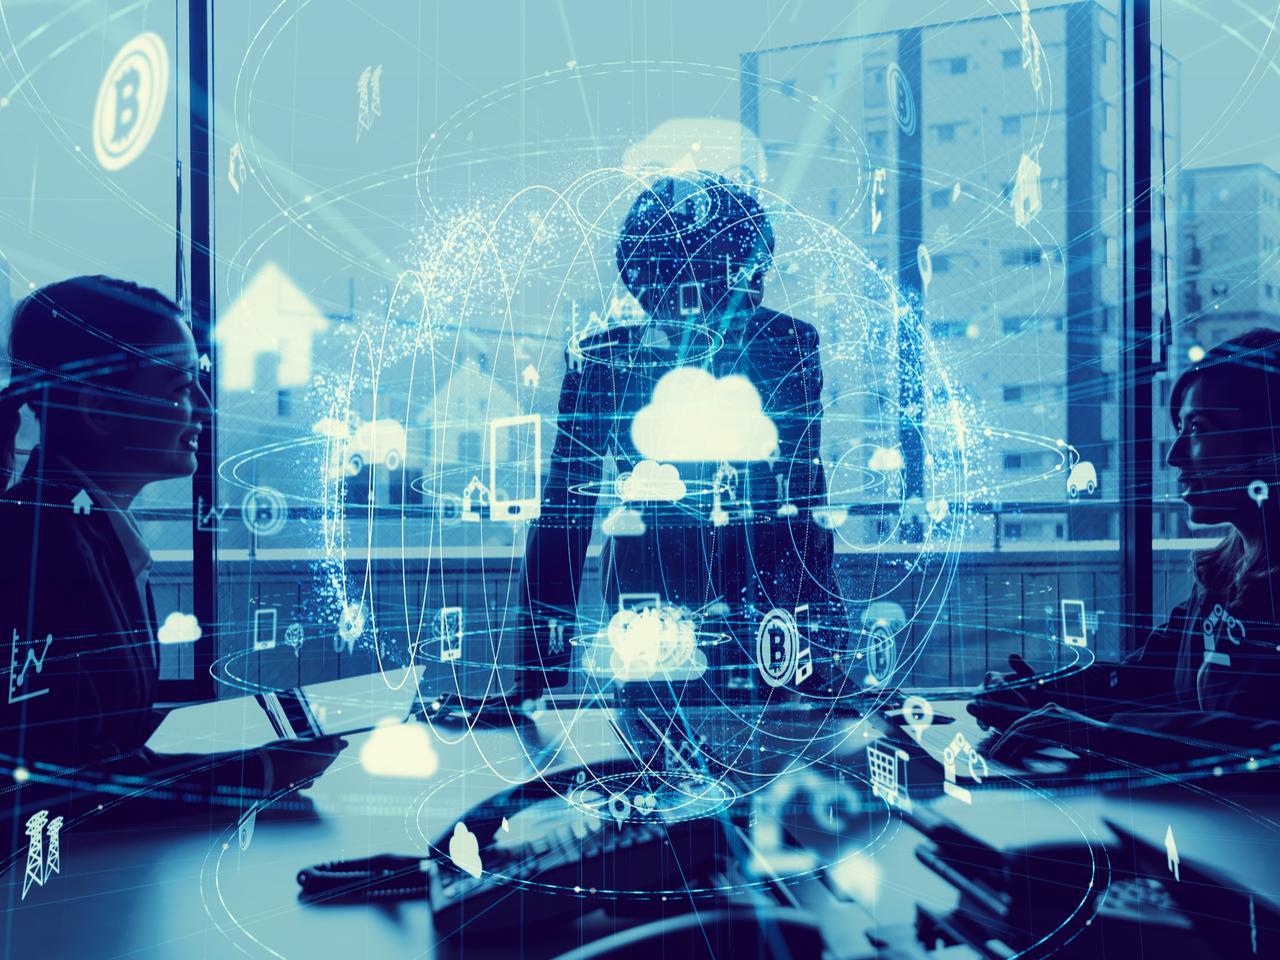 Les-réseaux-Wi-Fi-une-vraie-menace-pour-la-sécurité-de-vos-données